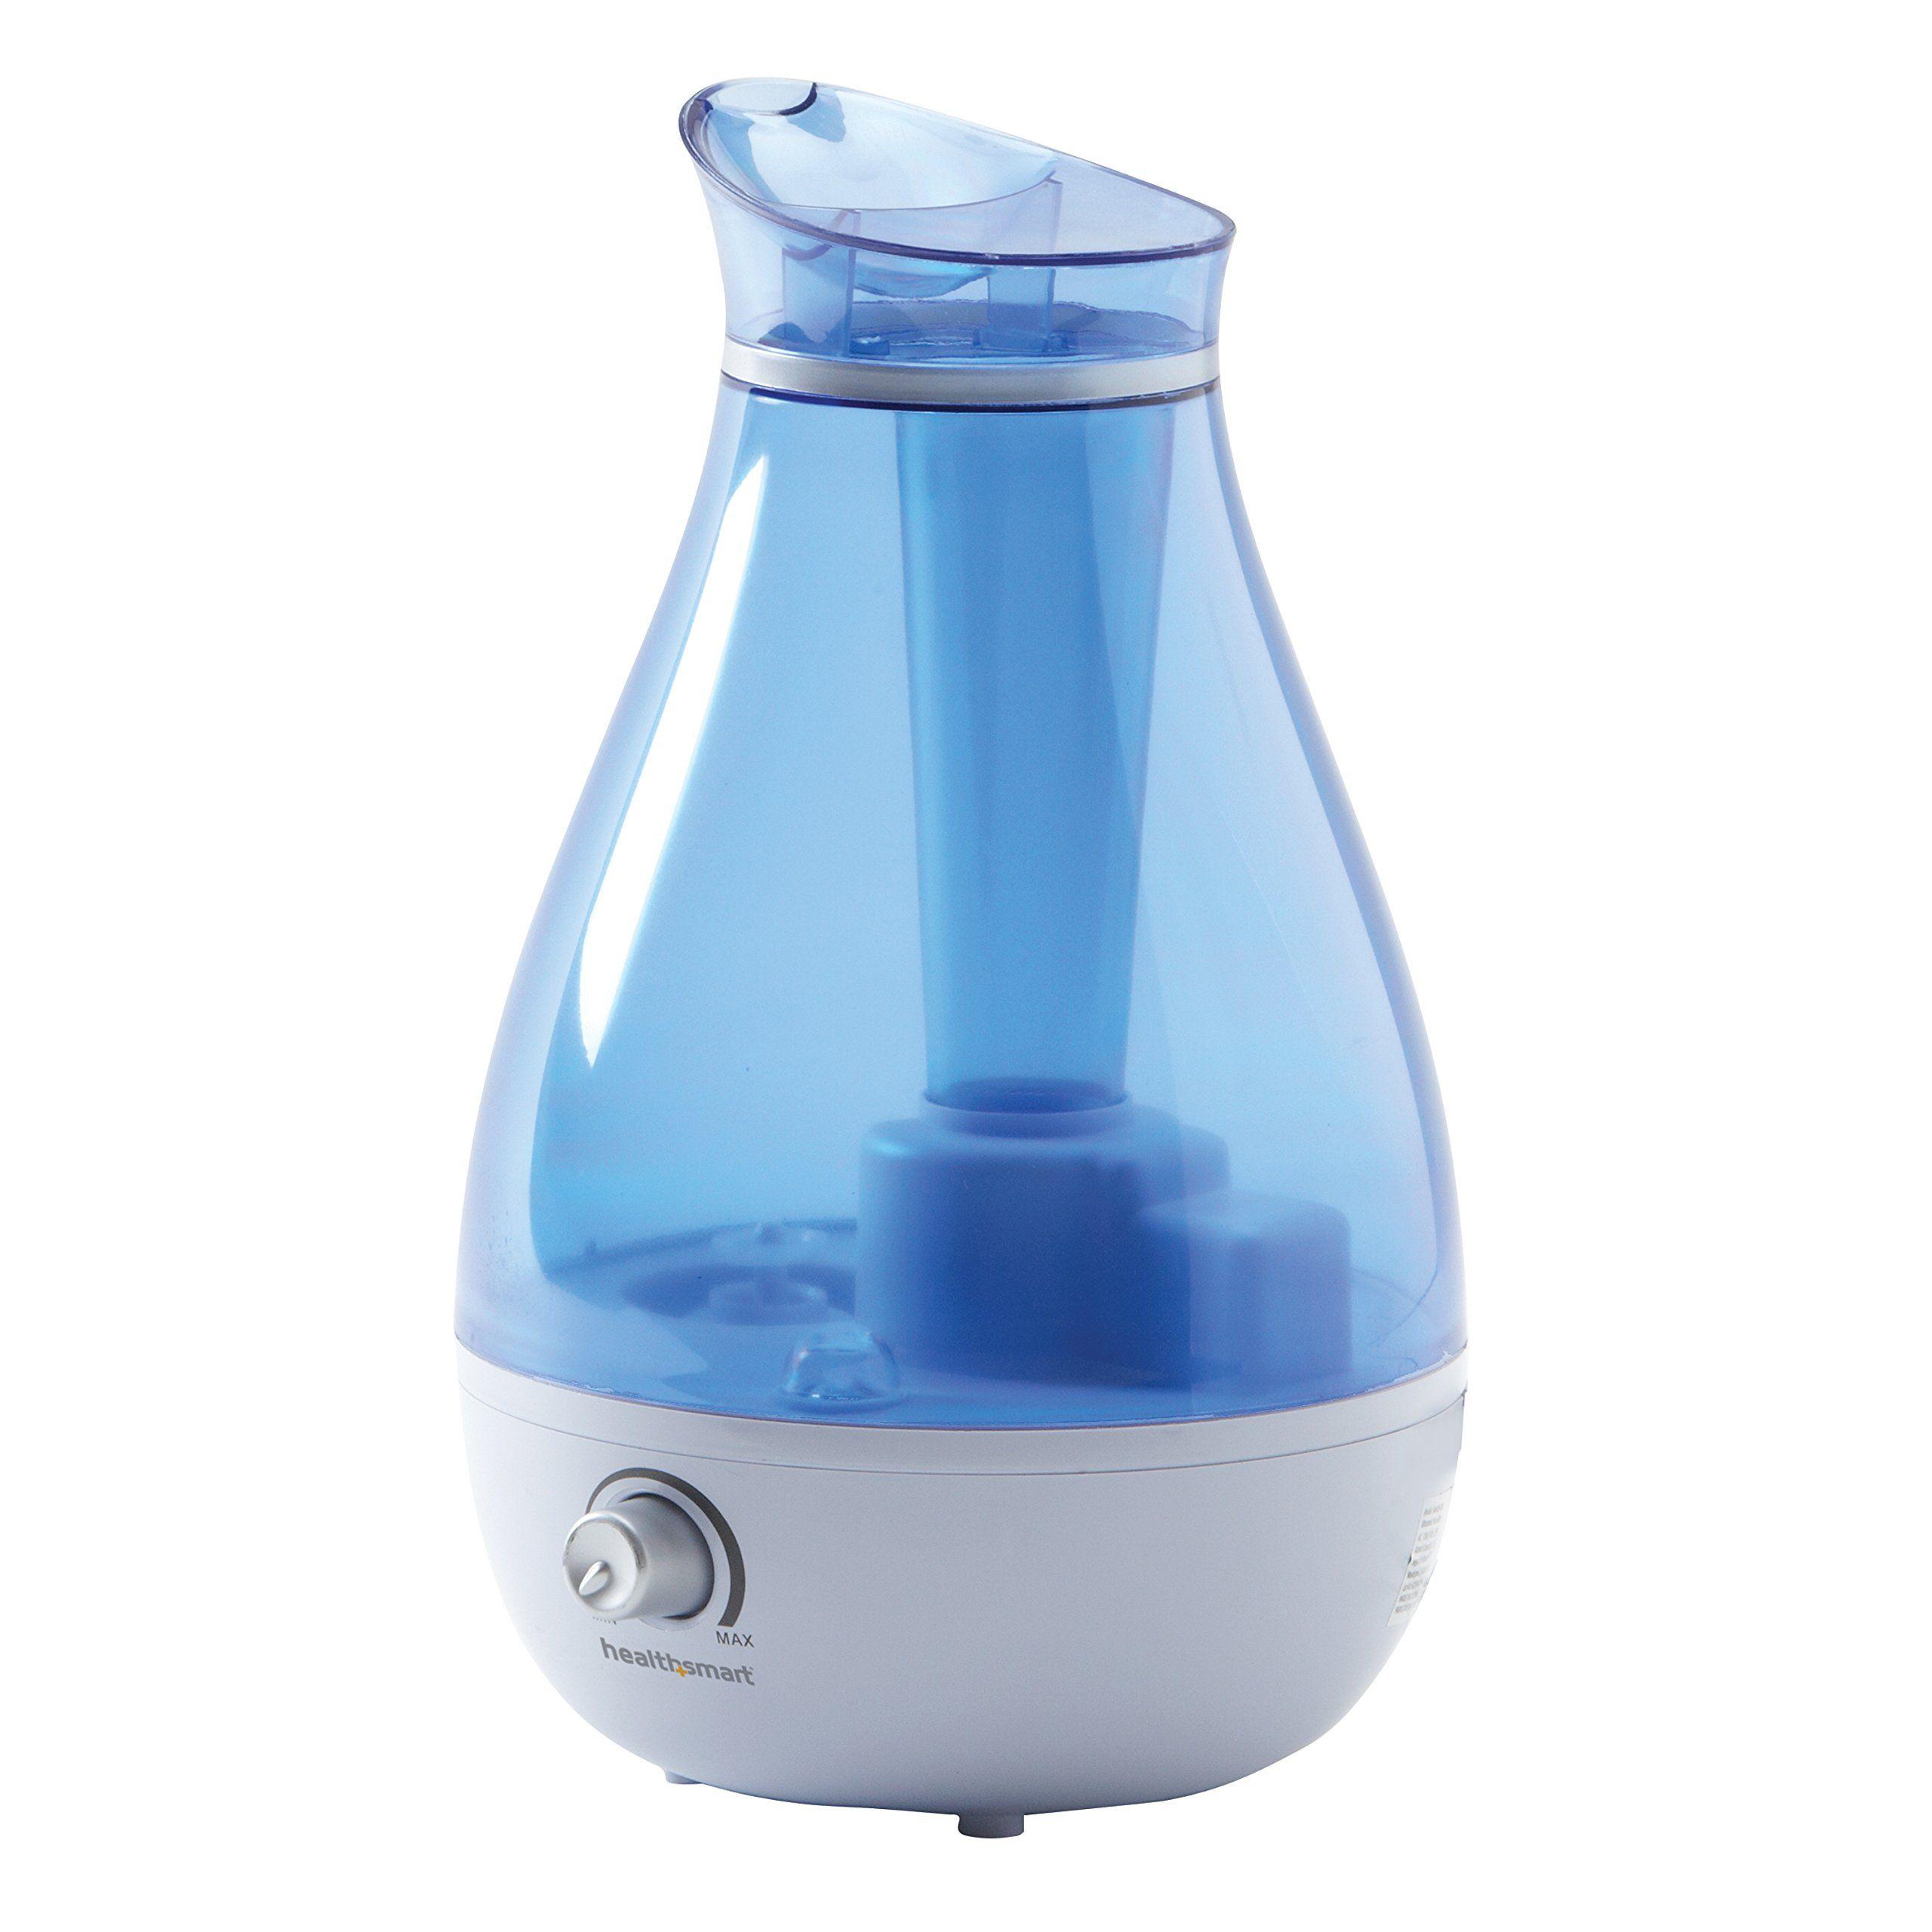 HealthSmart Mist XP Cool Mist Ultrasonic GermFree